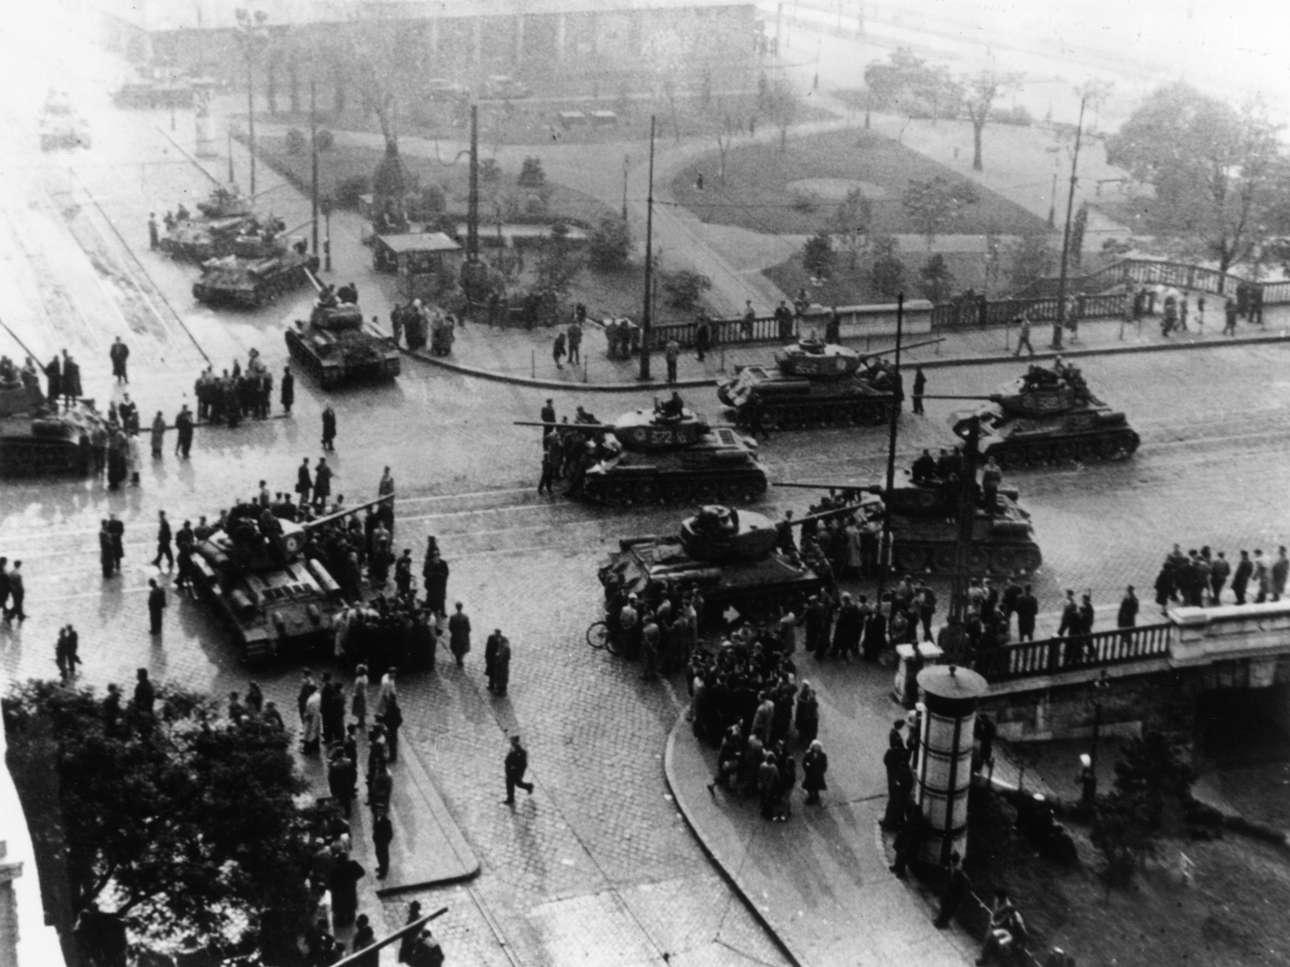 Η εξέγερση στην Ουγγαρία (1956). Σοβιετικά τεθωρακισμένα στο κέντρο της Βουδαπέστης. Για κάποιες μέρες είχε επικρατήσει η εσφαλμένη εντύπωση ότι οι Σοβιετικοί αποχωρούσαν. Τελικά στράφηκαν κατά των εξεγερμένων Ούγγρων. Οι νεκροί ξεπέρασαν τις 2.500.